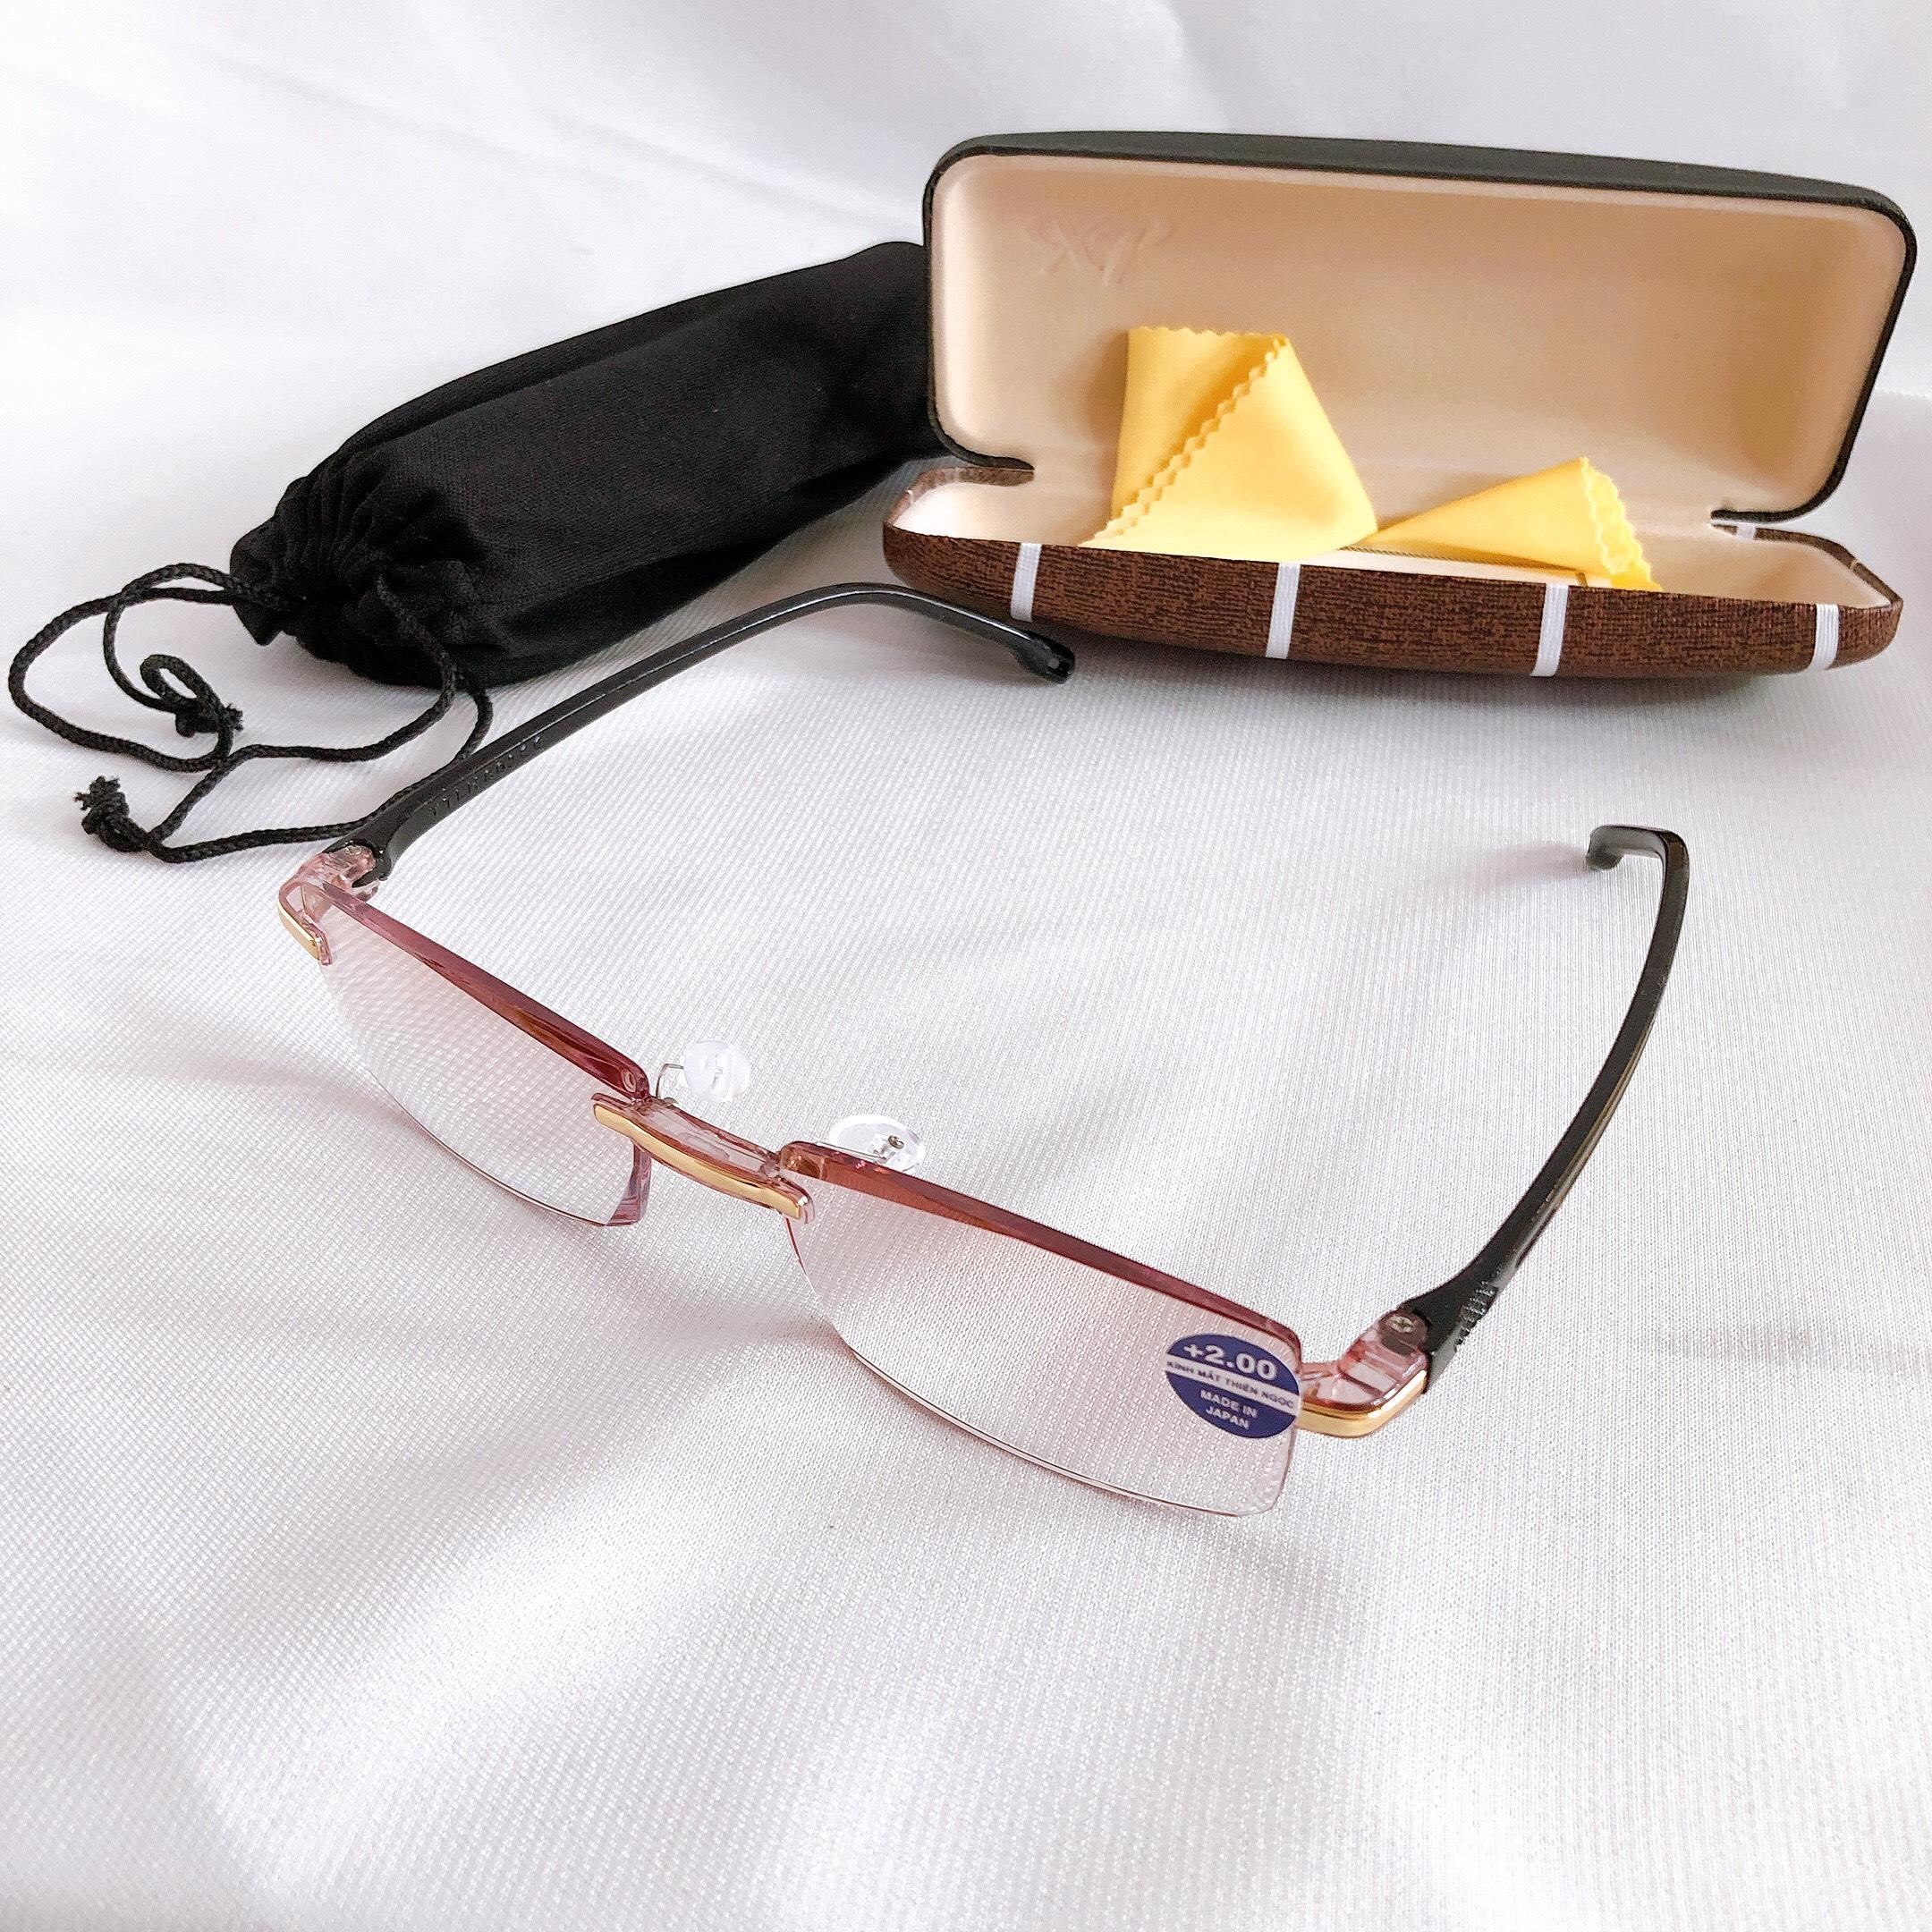 Kính lão thị viễn thị sẵn độ không vành sang trọng siêu nhẹ 09KV đeo cực êm và ôm độ tuwg +100 đến +400